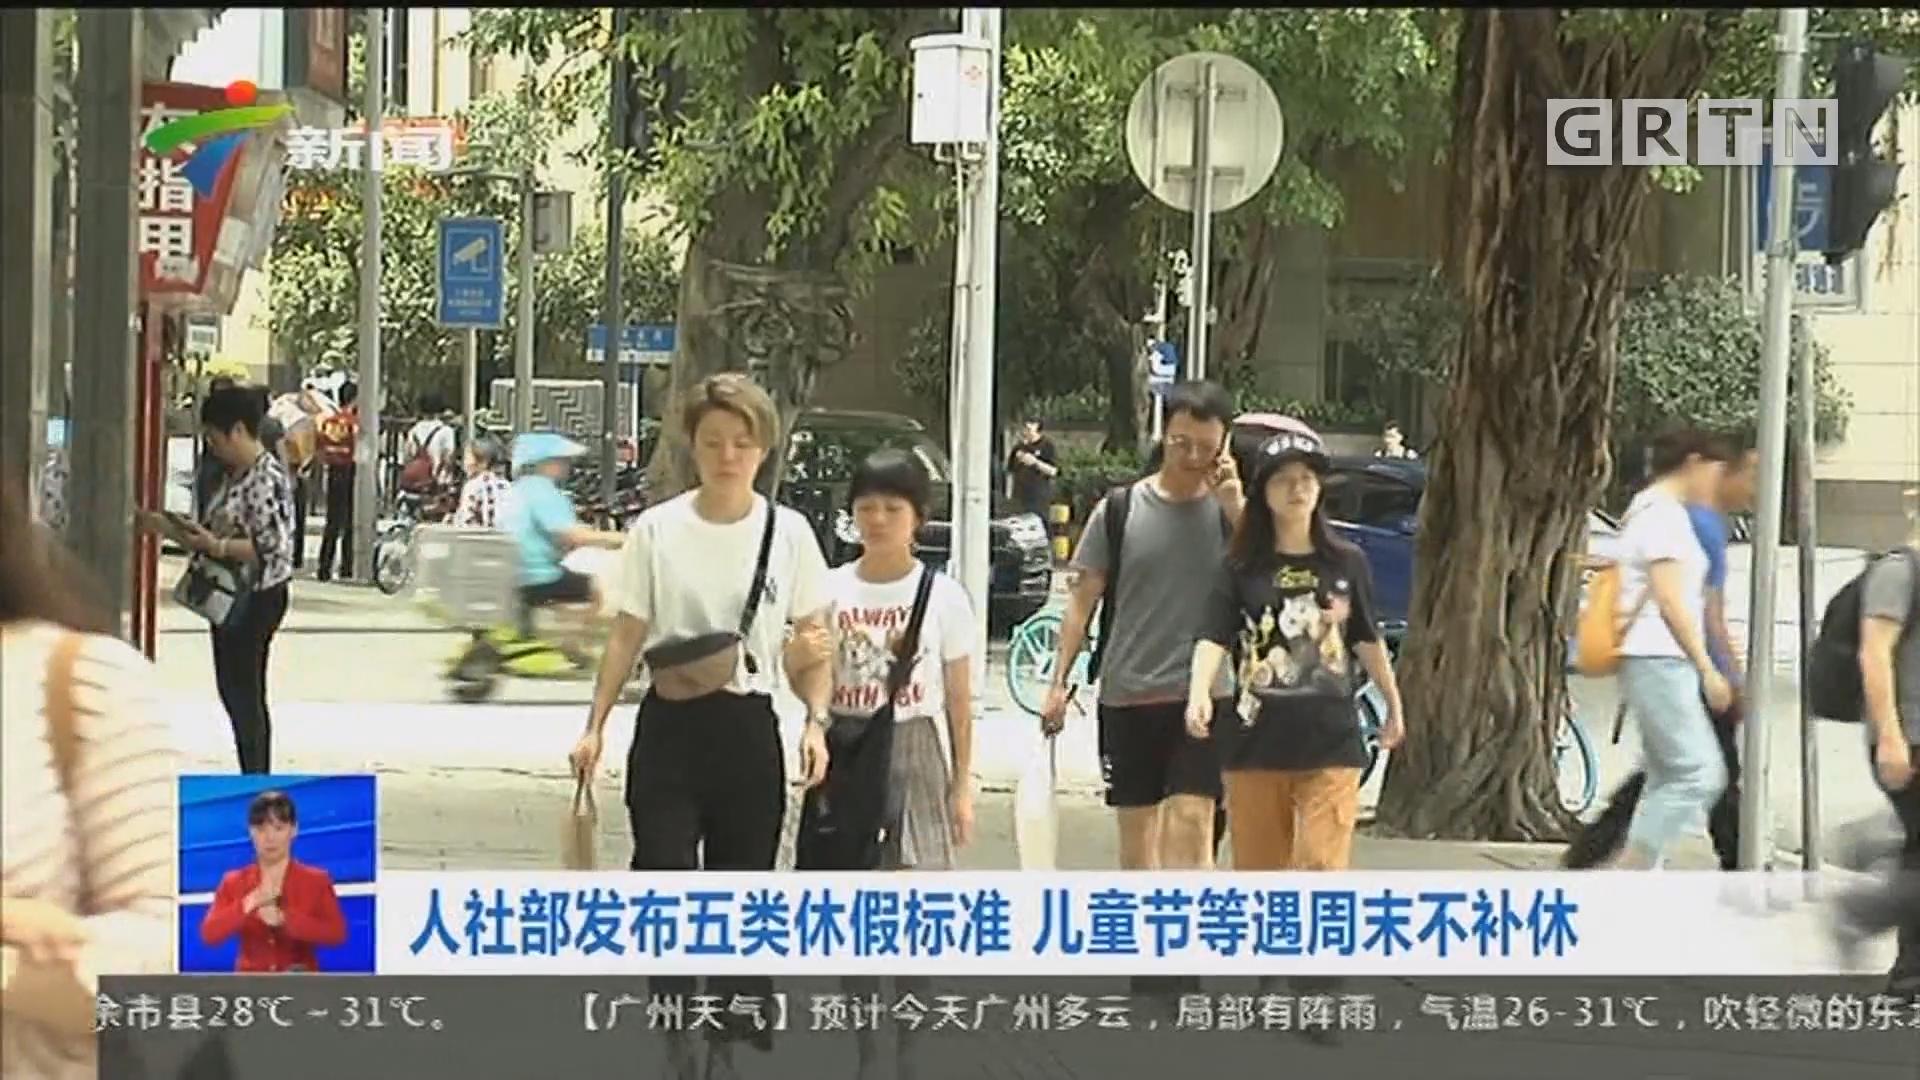 人社部发布五类休假标准 儿童节等遇周末不补休